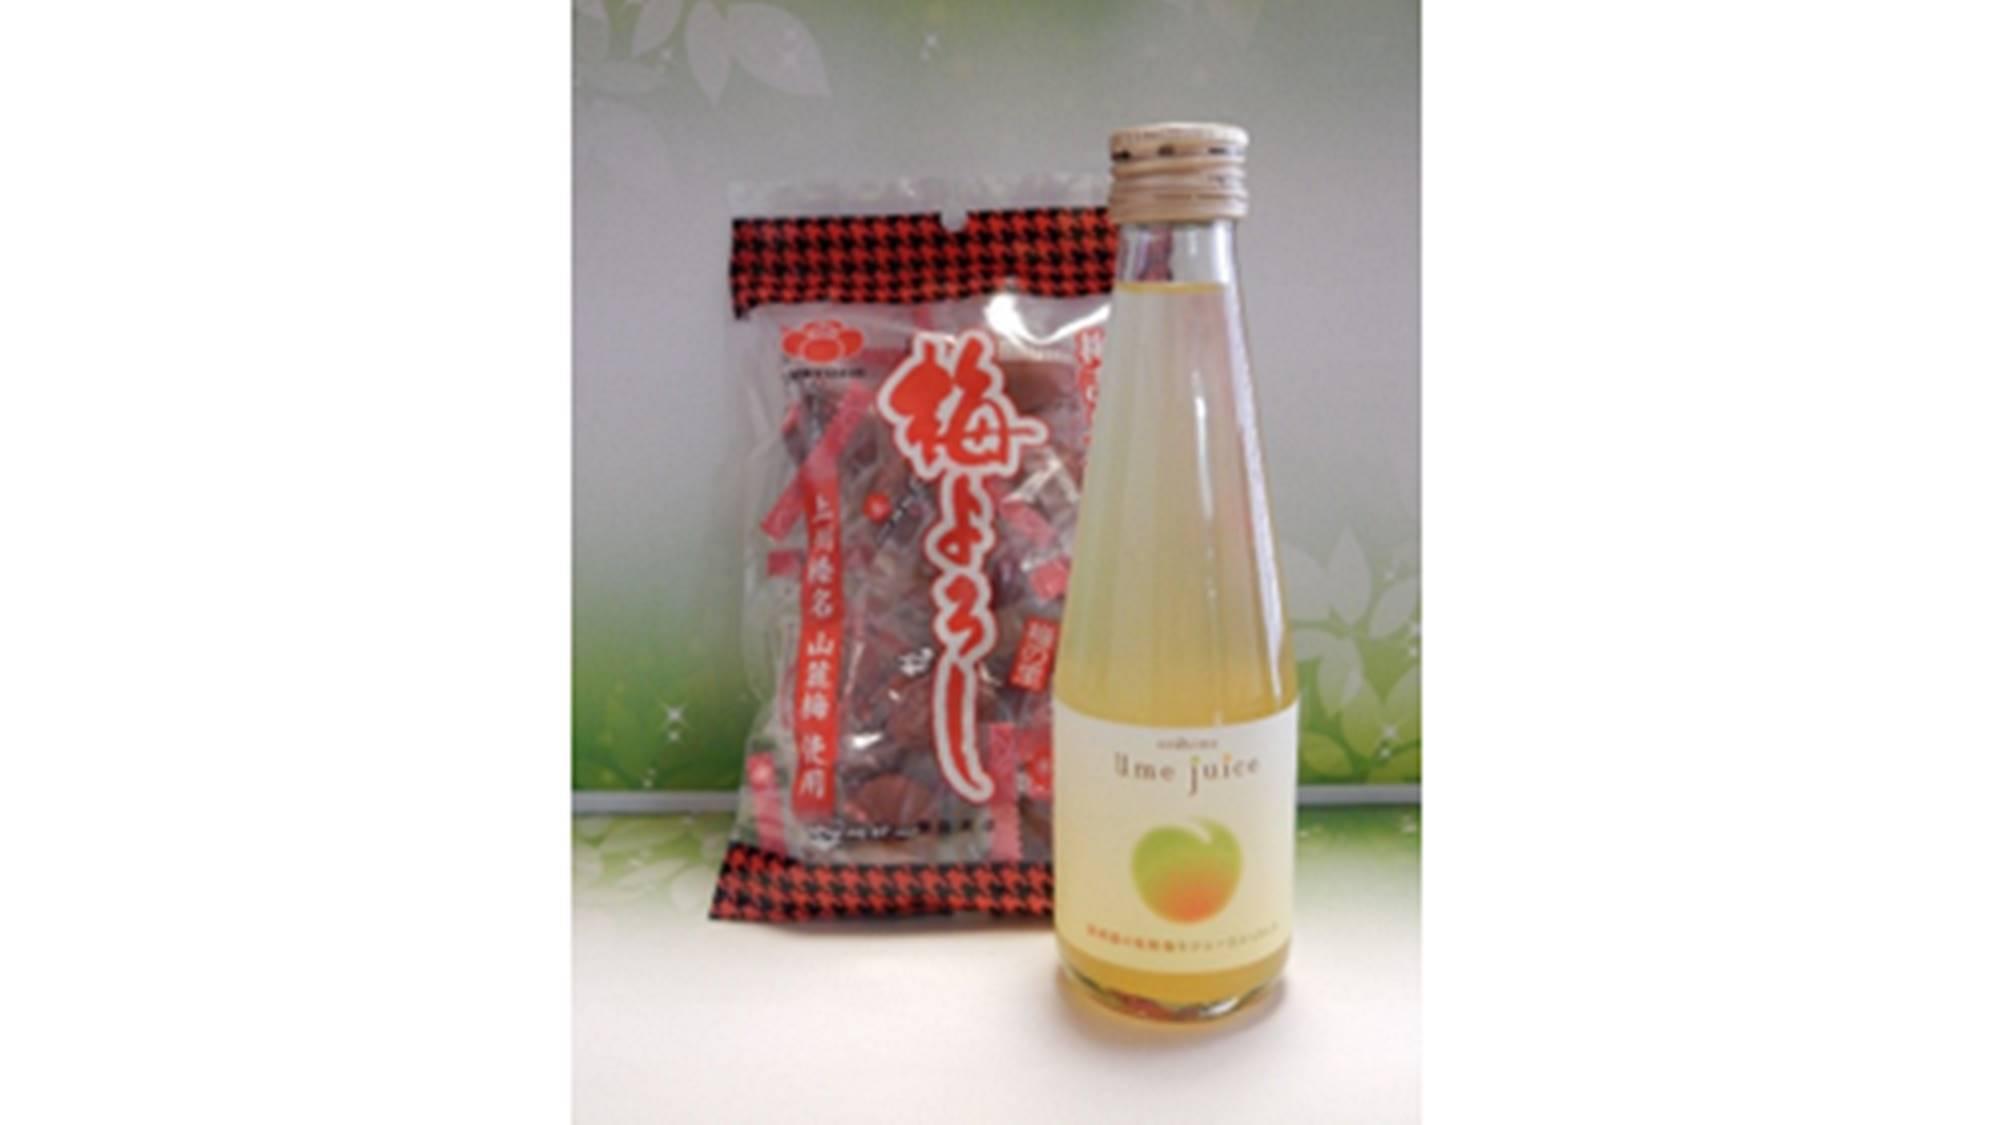 *はるな梅ジュースと梅干/そのままでもよしま、焼酎で割るのもよし〇良質な梅を使用した人気ジュース